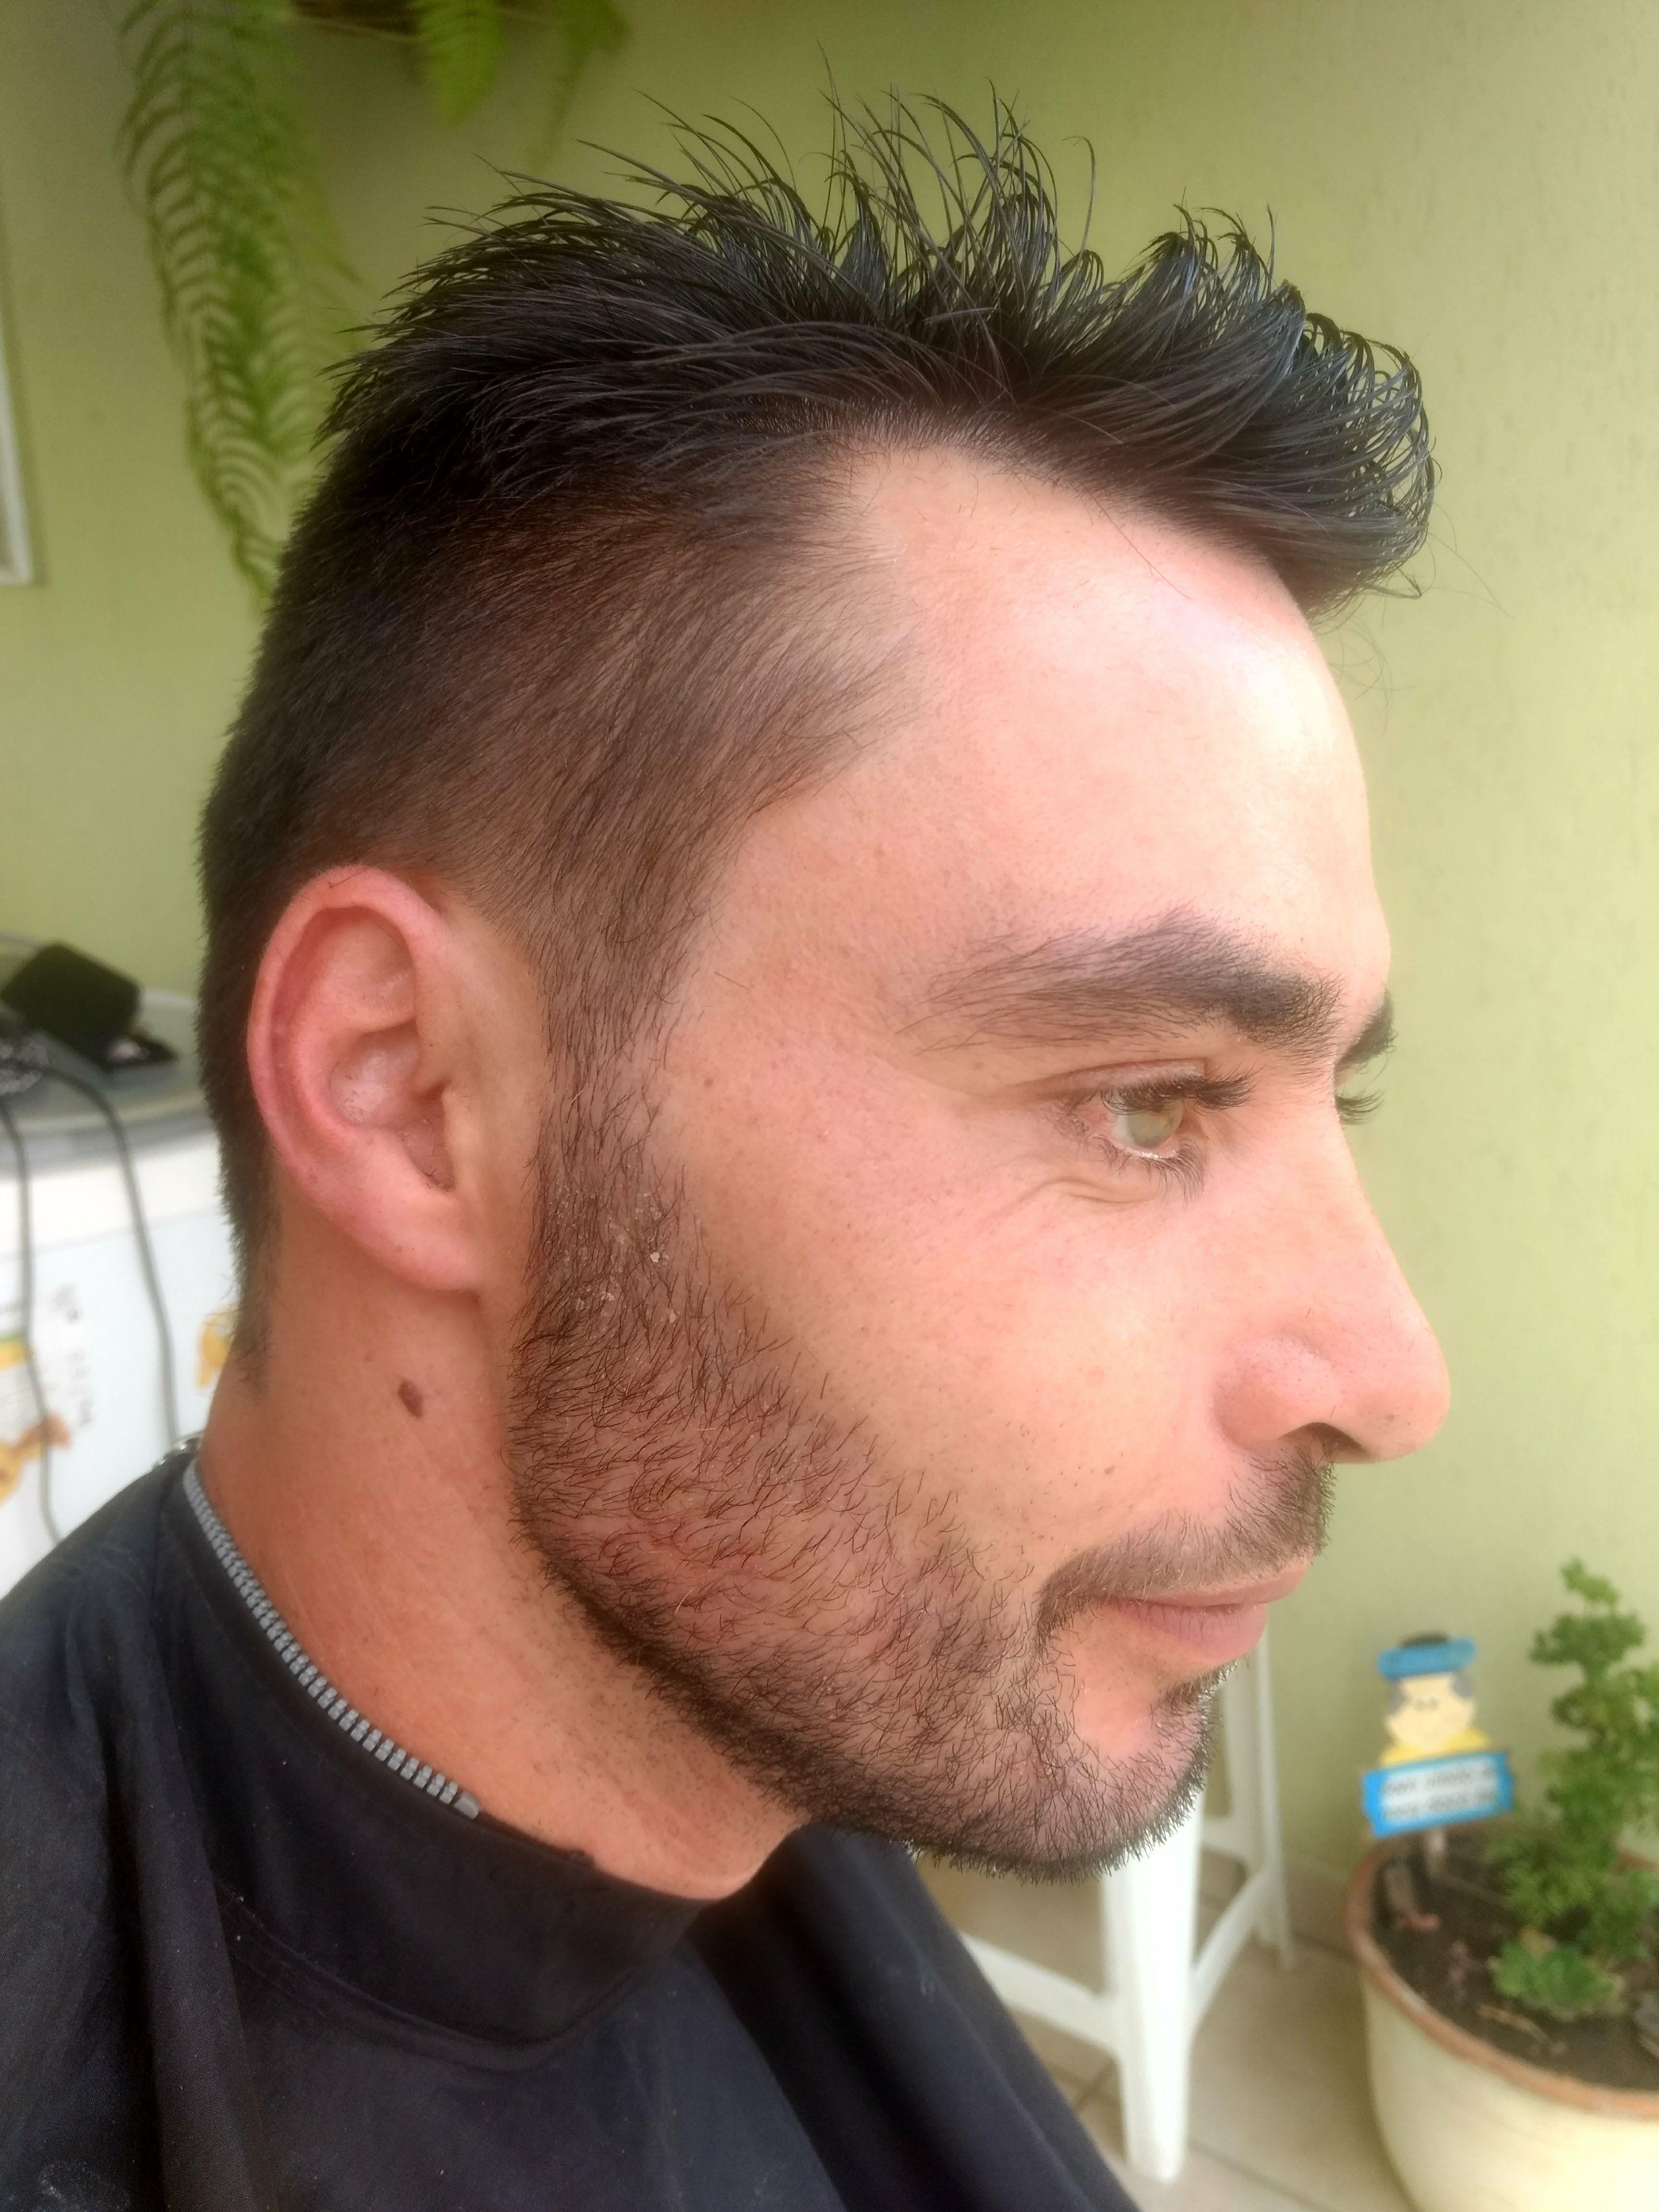 Cabelo e barba cabelo barbeiro(a)